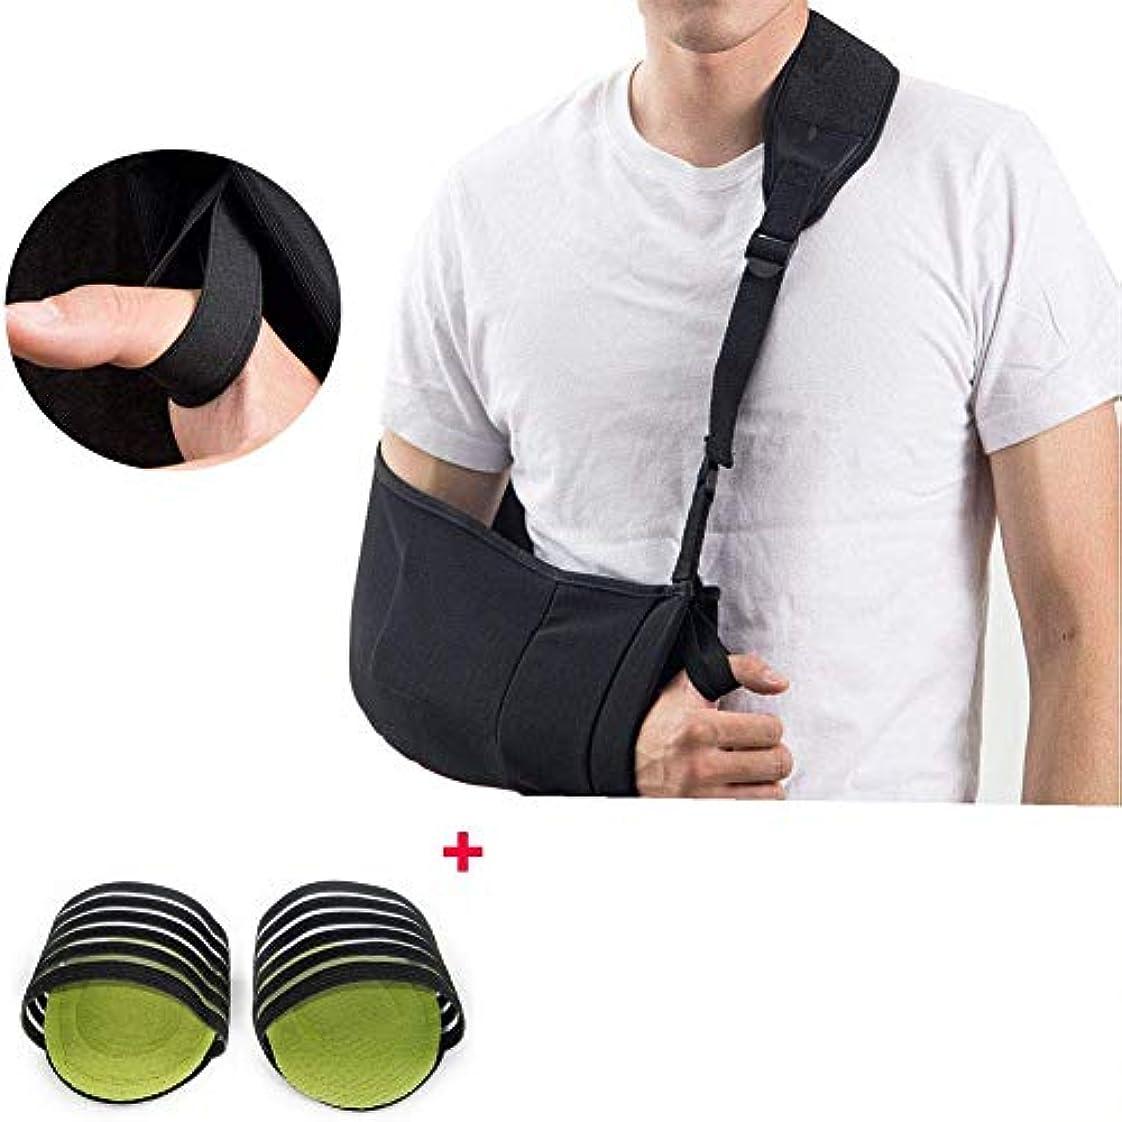 アヒルトレッド歯痛アームスリング、骨折した腕のイモビライザーメディカルサポート左右の肘の腕の骨折、足サポートパッド付き